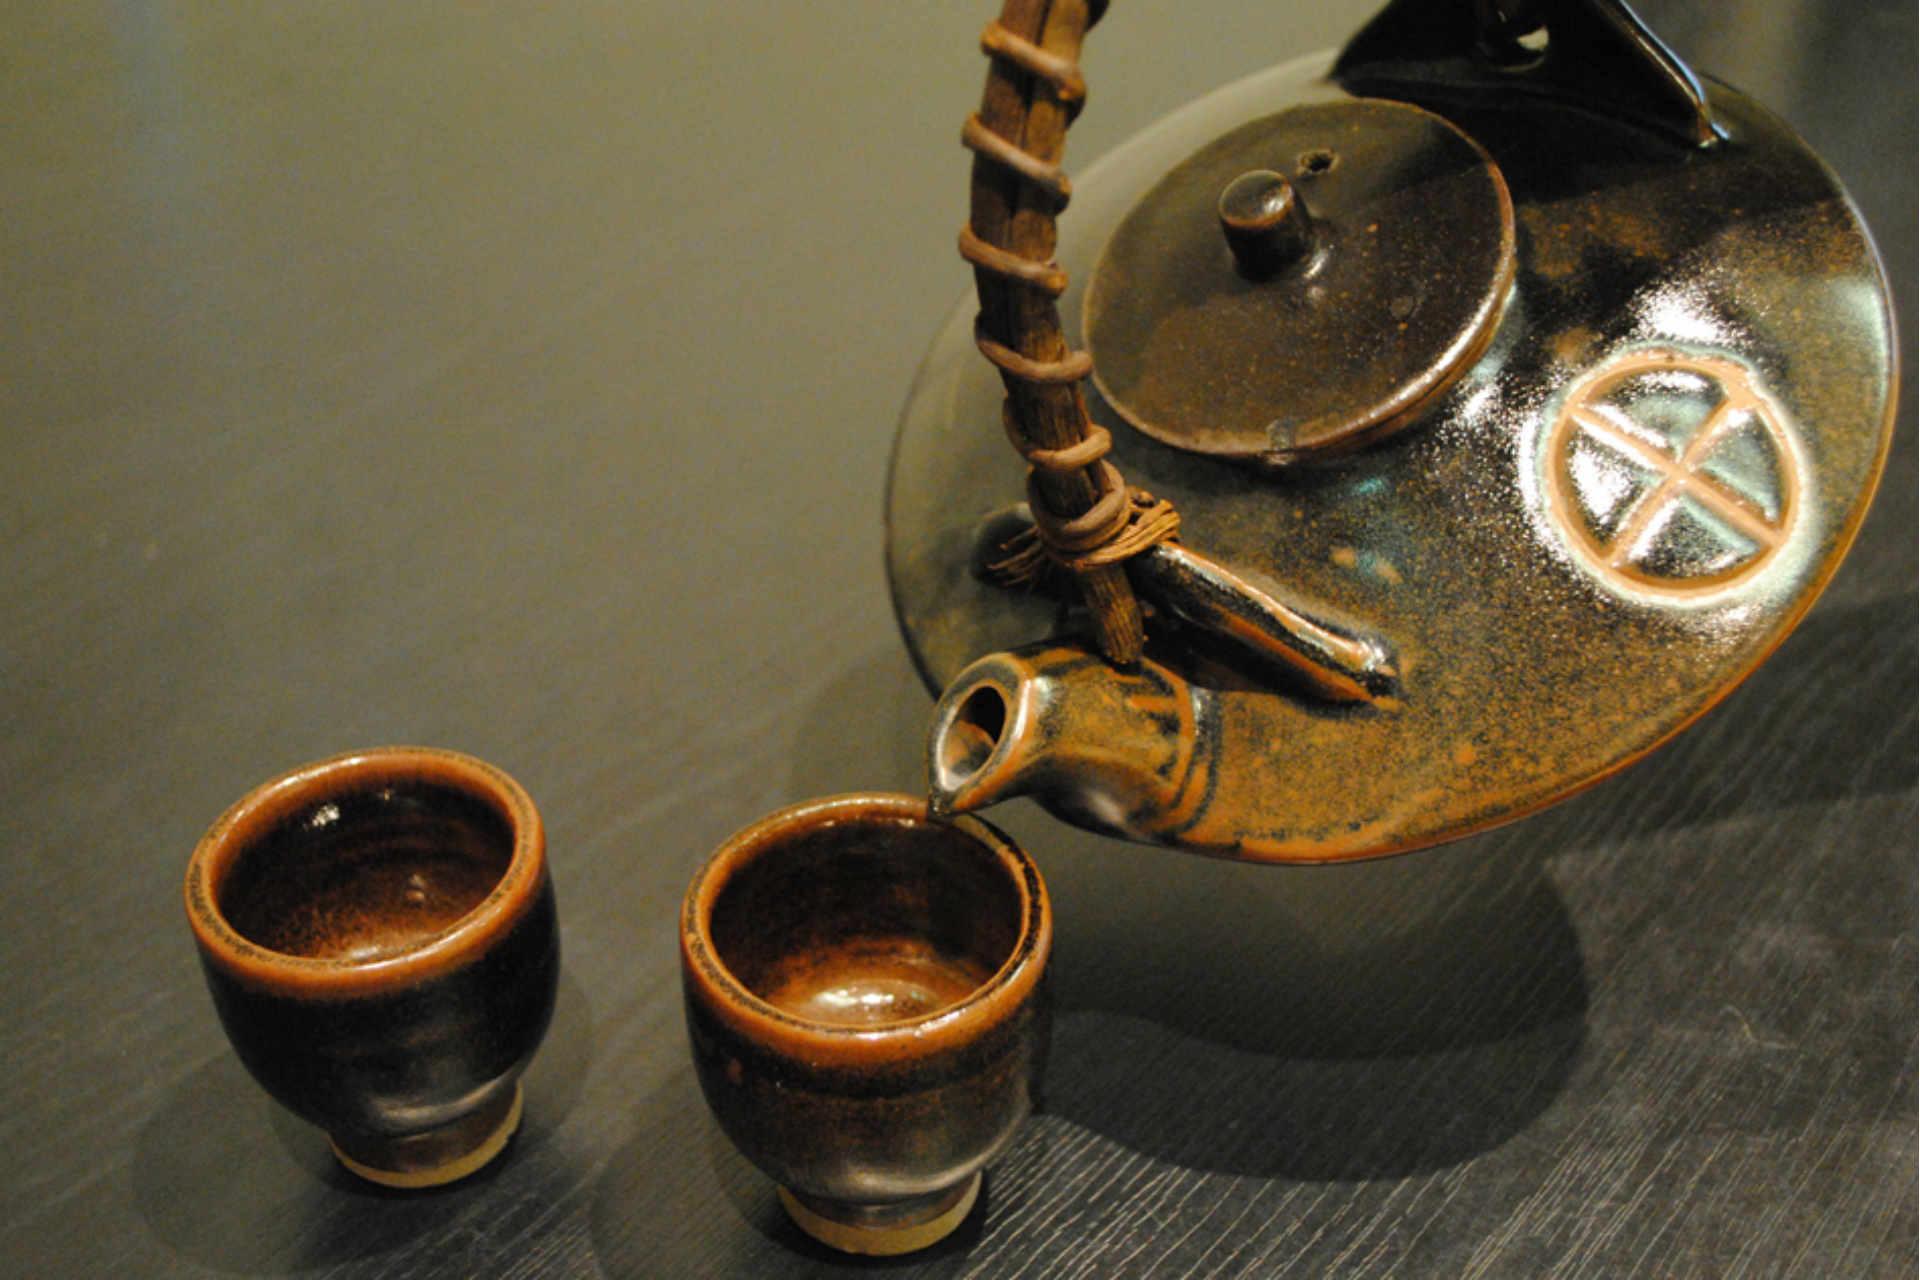 鹿児島を代表する酒器、黒千代香 (焼酎の燗付器) も黒薩摩です